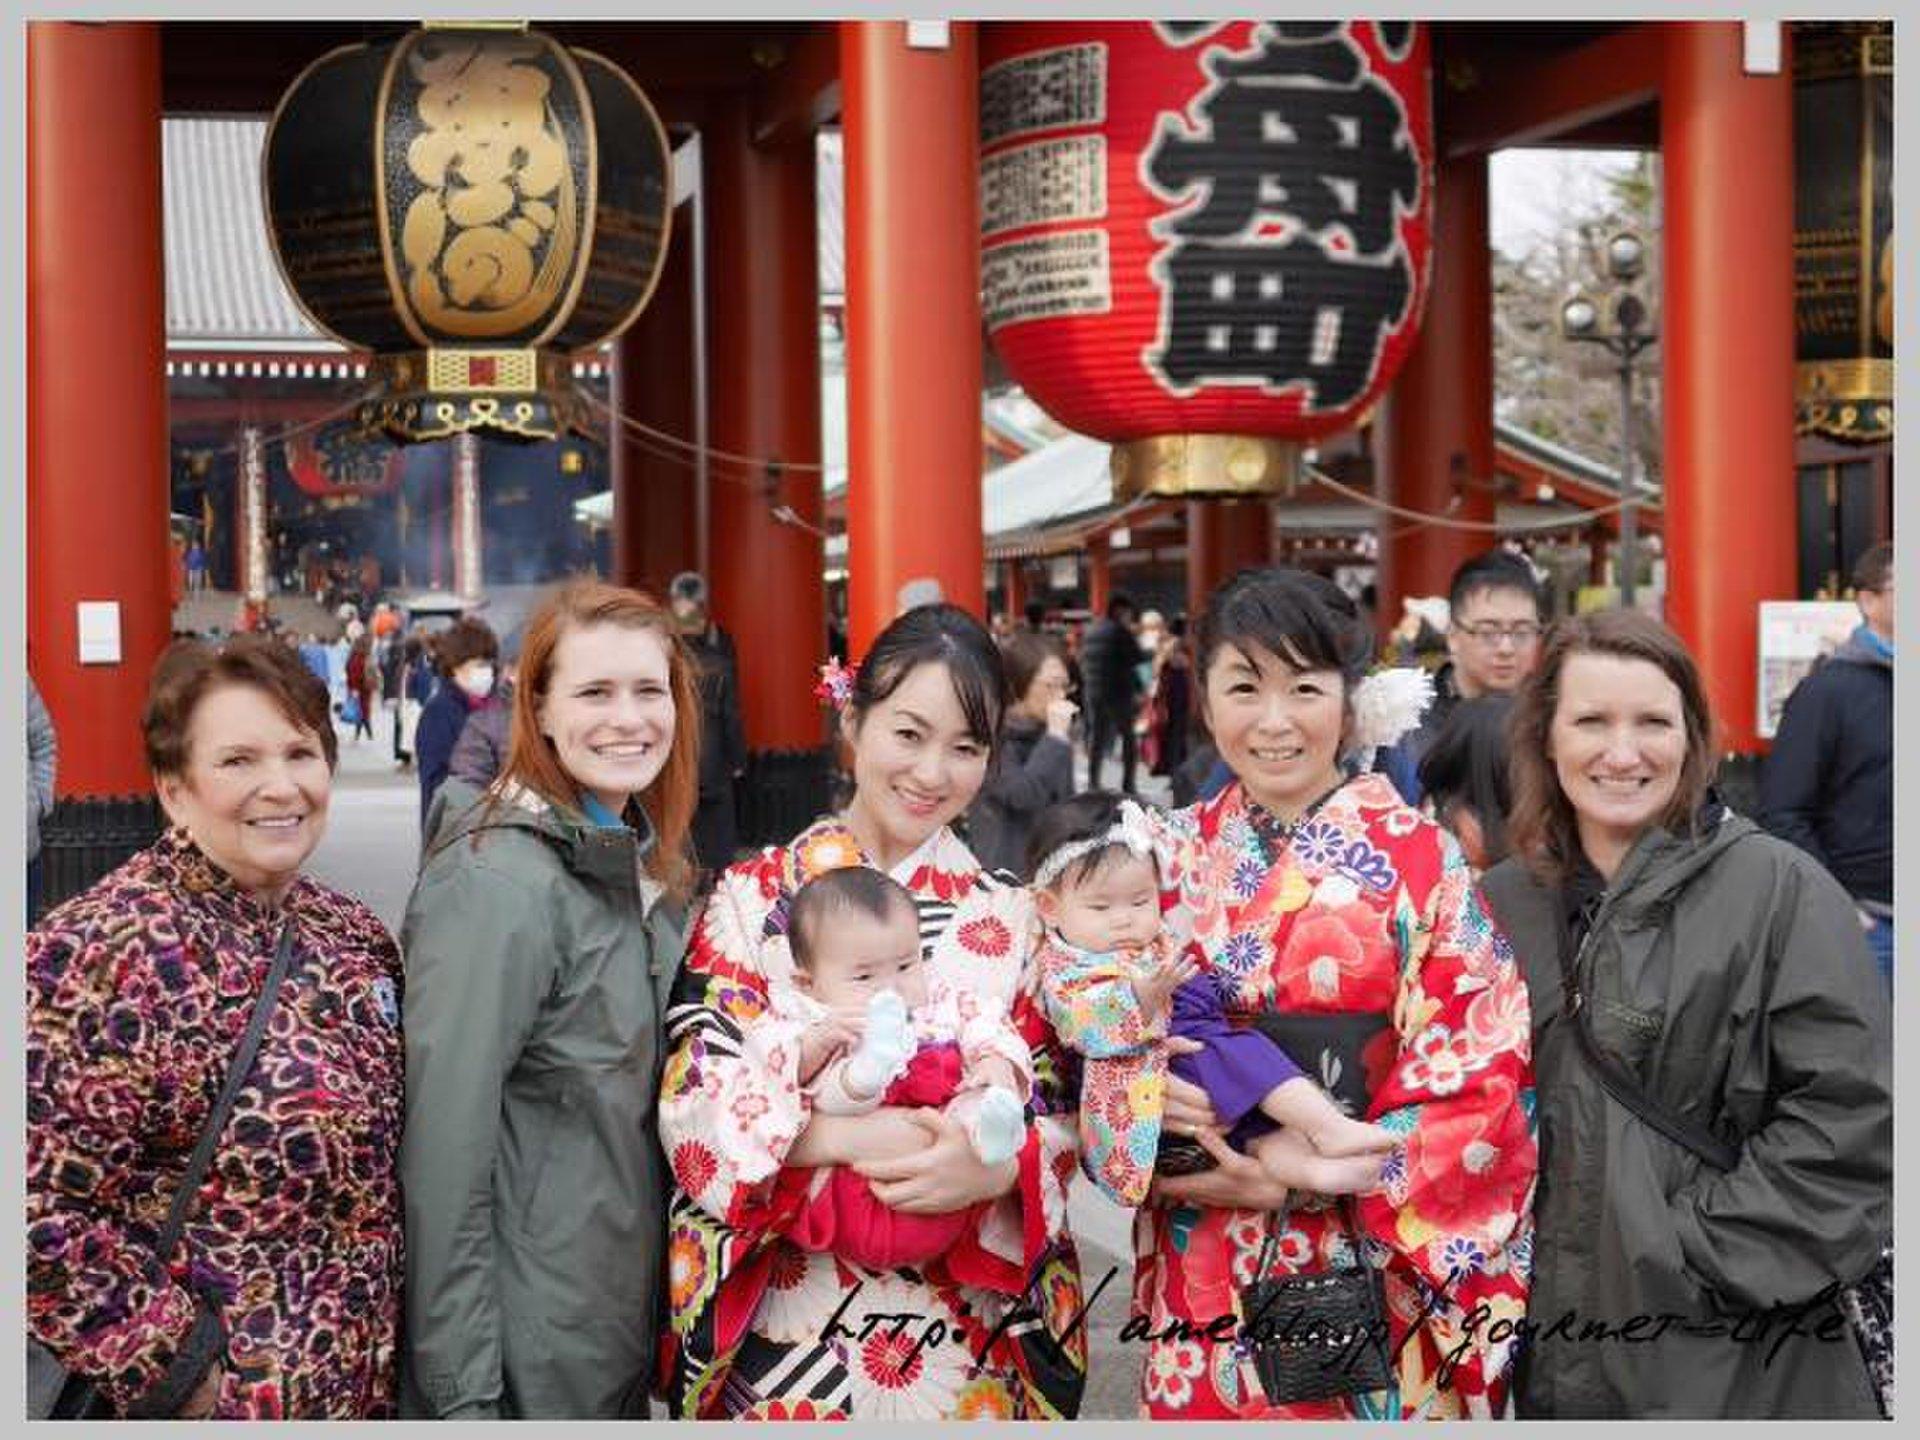 【浅草で、もっと日本を好きになる。】外国人にオススメ観光スポットTOP10!